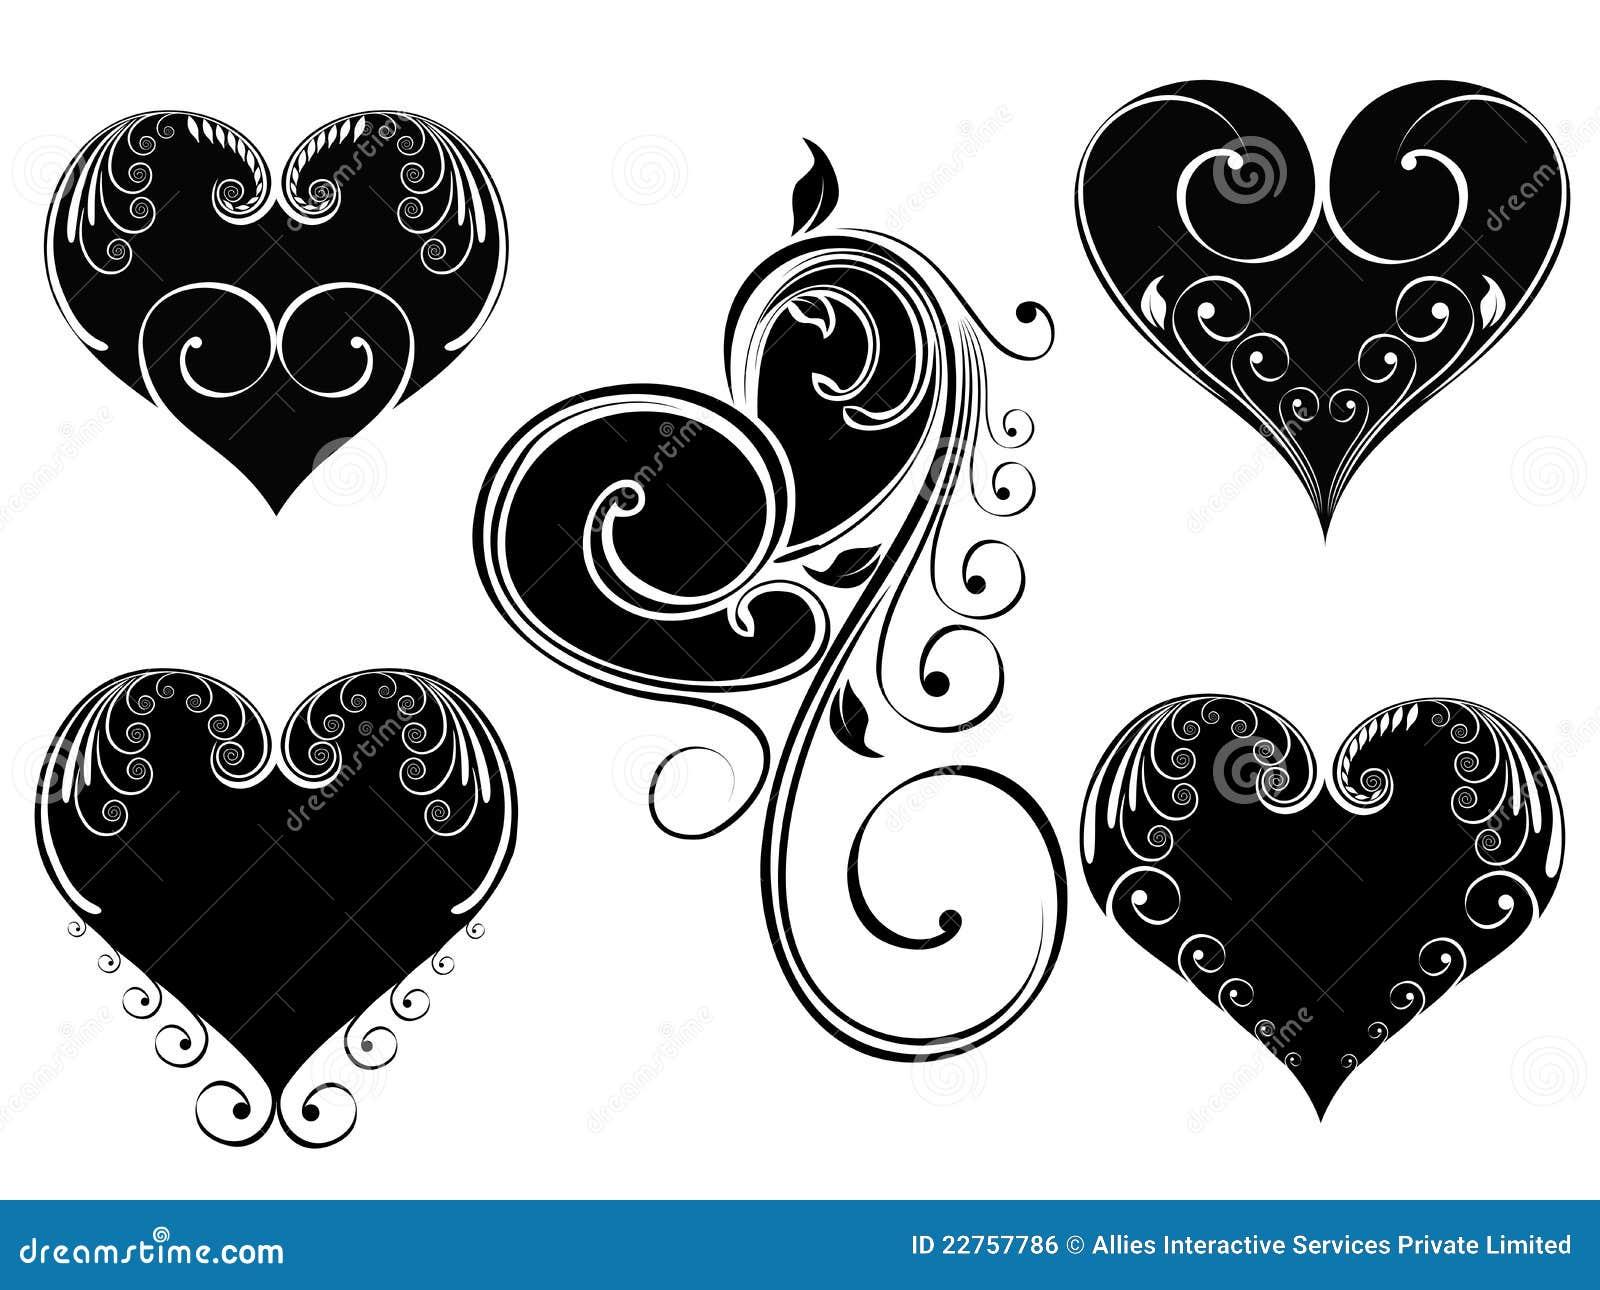 corazones de amor blanco y negro. Black Bedroom Furniture Sets. Home Design Ideas